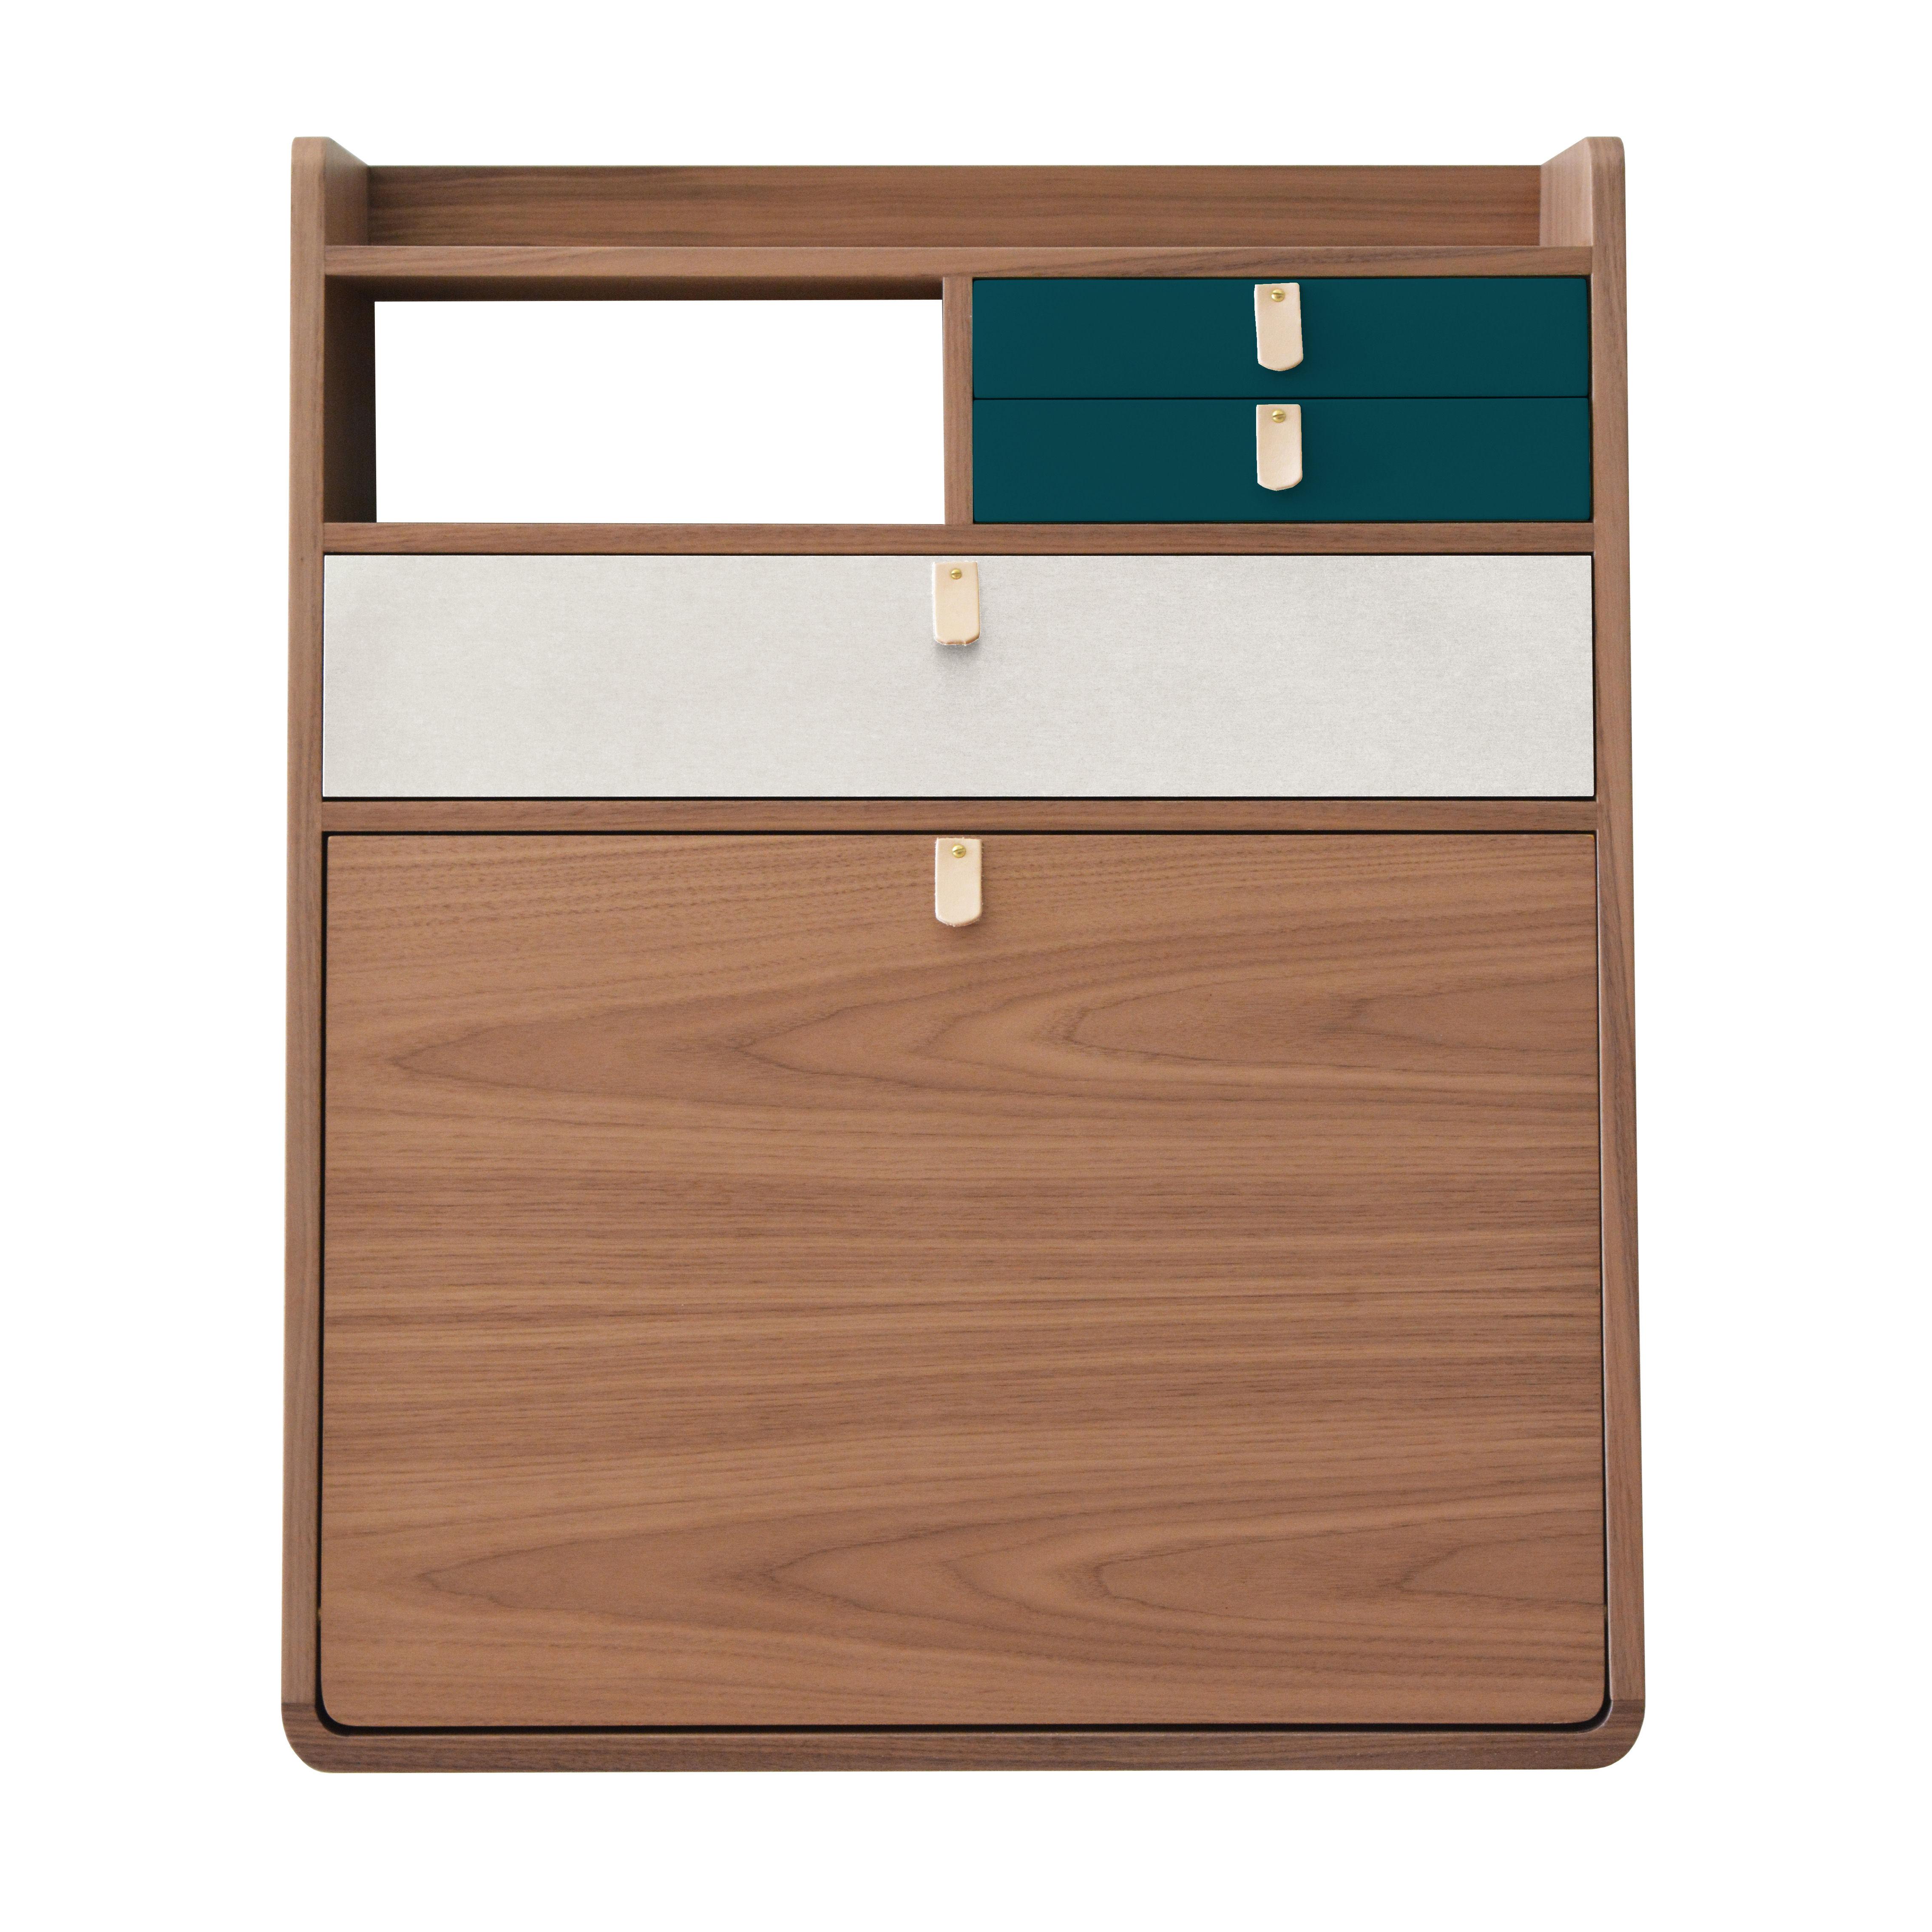 Möbel - Möbel für Kinder - Gaston Wand-Schreibtisch / L 60 x H 72 cm - Nussbaum - Hartô - Petrolblau & hellgrau / Nussbaum - eichenfurnierte Holzfaserplatte, Leder